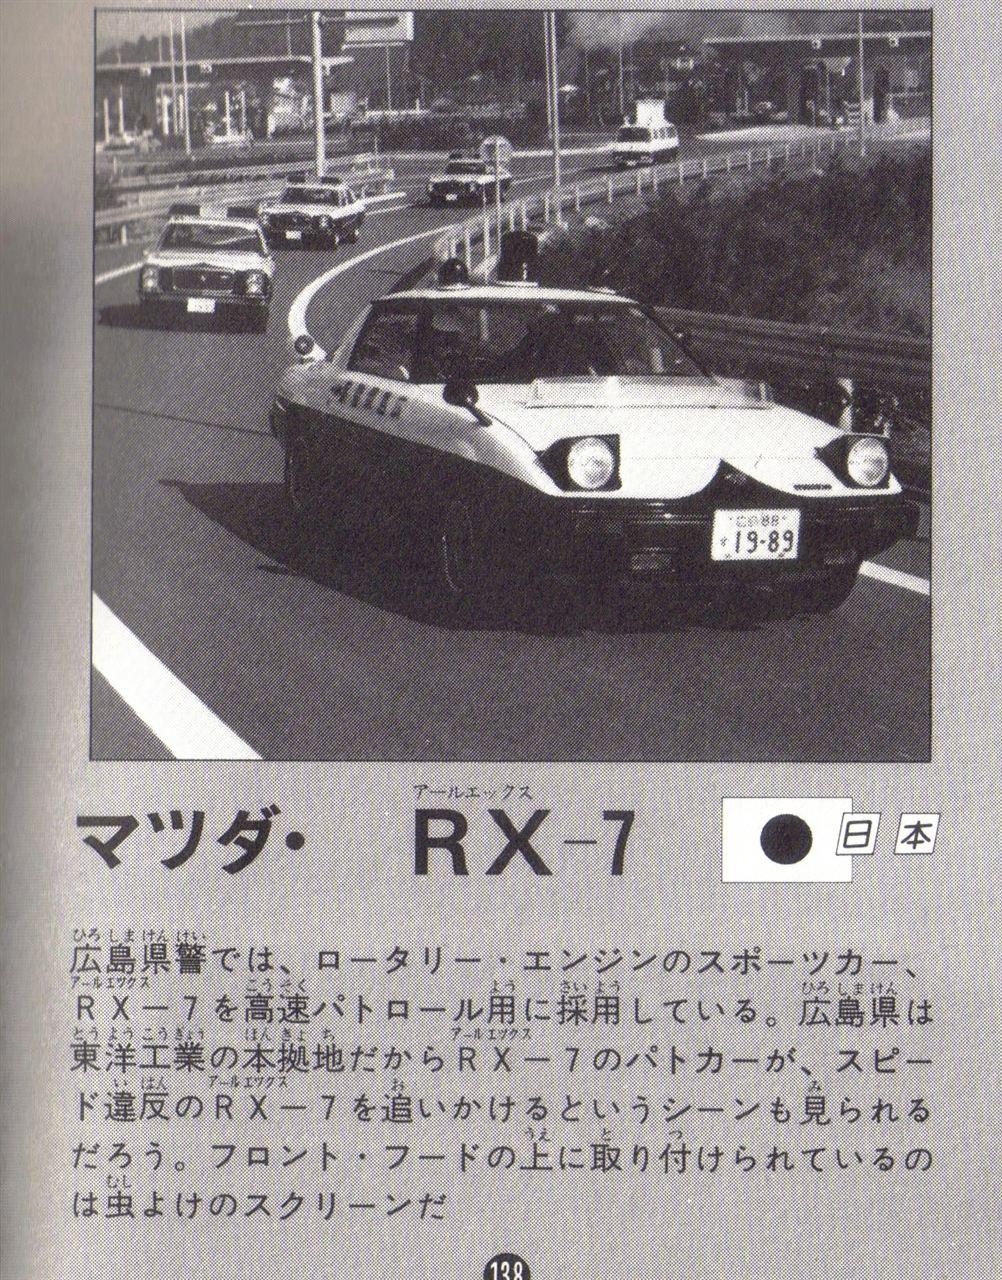 Mazda RX-7, FB, samochód policyjny, japoński, klasyk, kultowy, stary, dawna motoryzacja, JDM